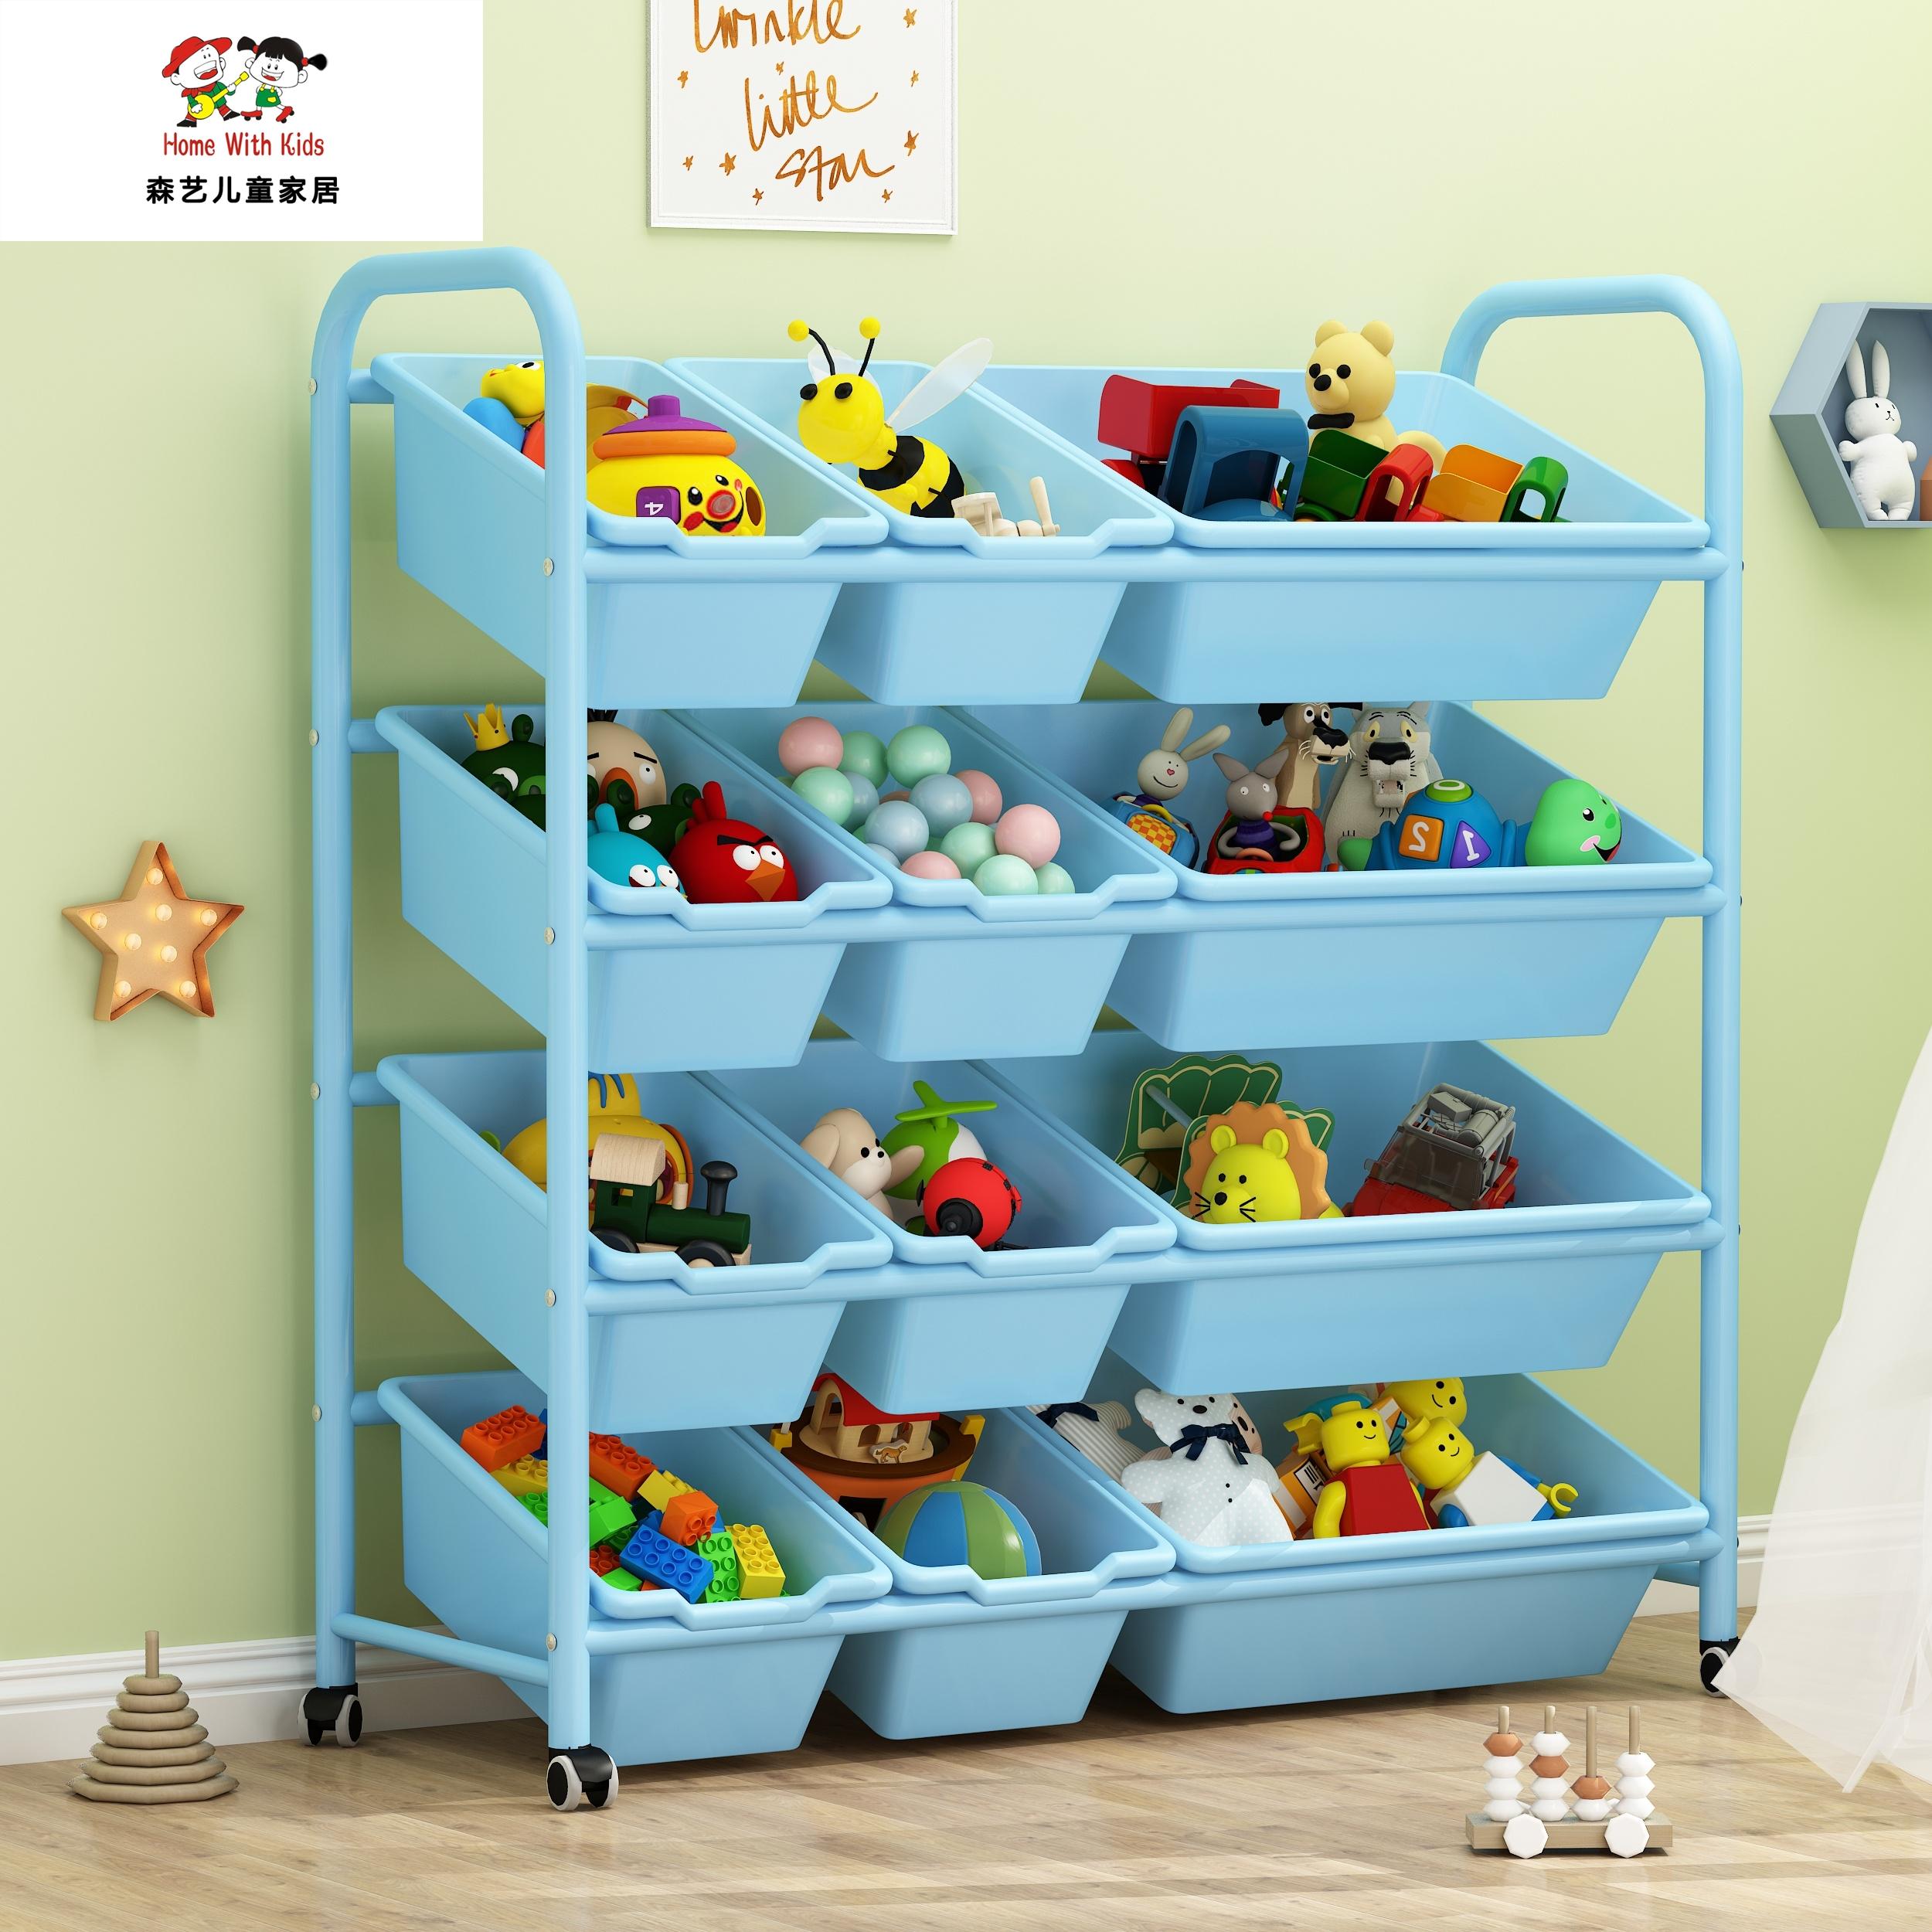 108.00元包邮玩具宝宝书架绘本架玩具架子收纳柜